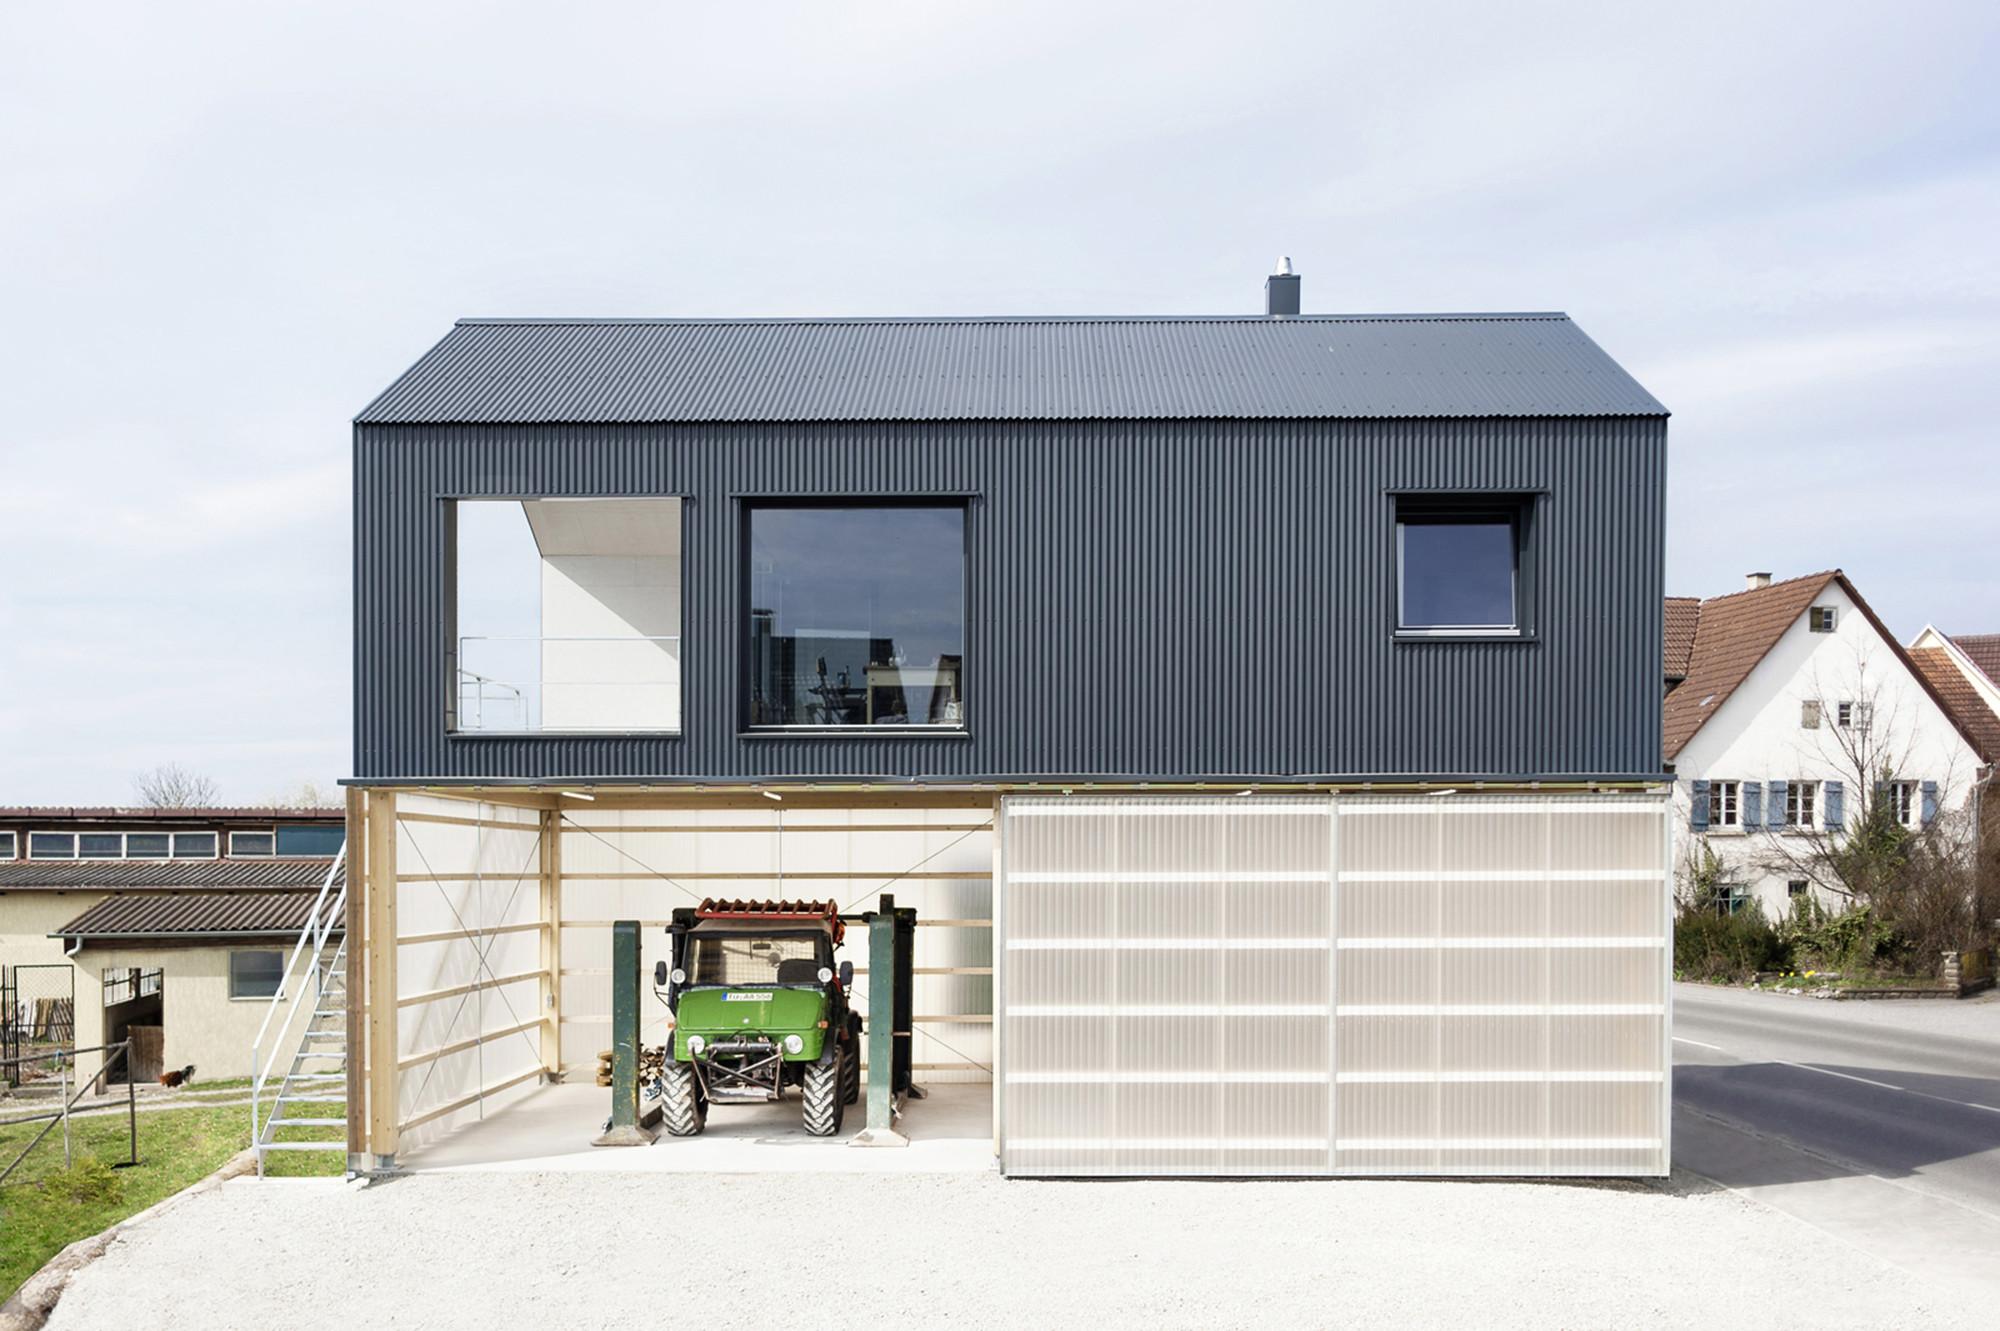 House Unimog / Fabian Evers Architecture, Wezel Architektur , © Sebastian Berger